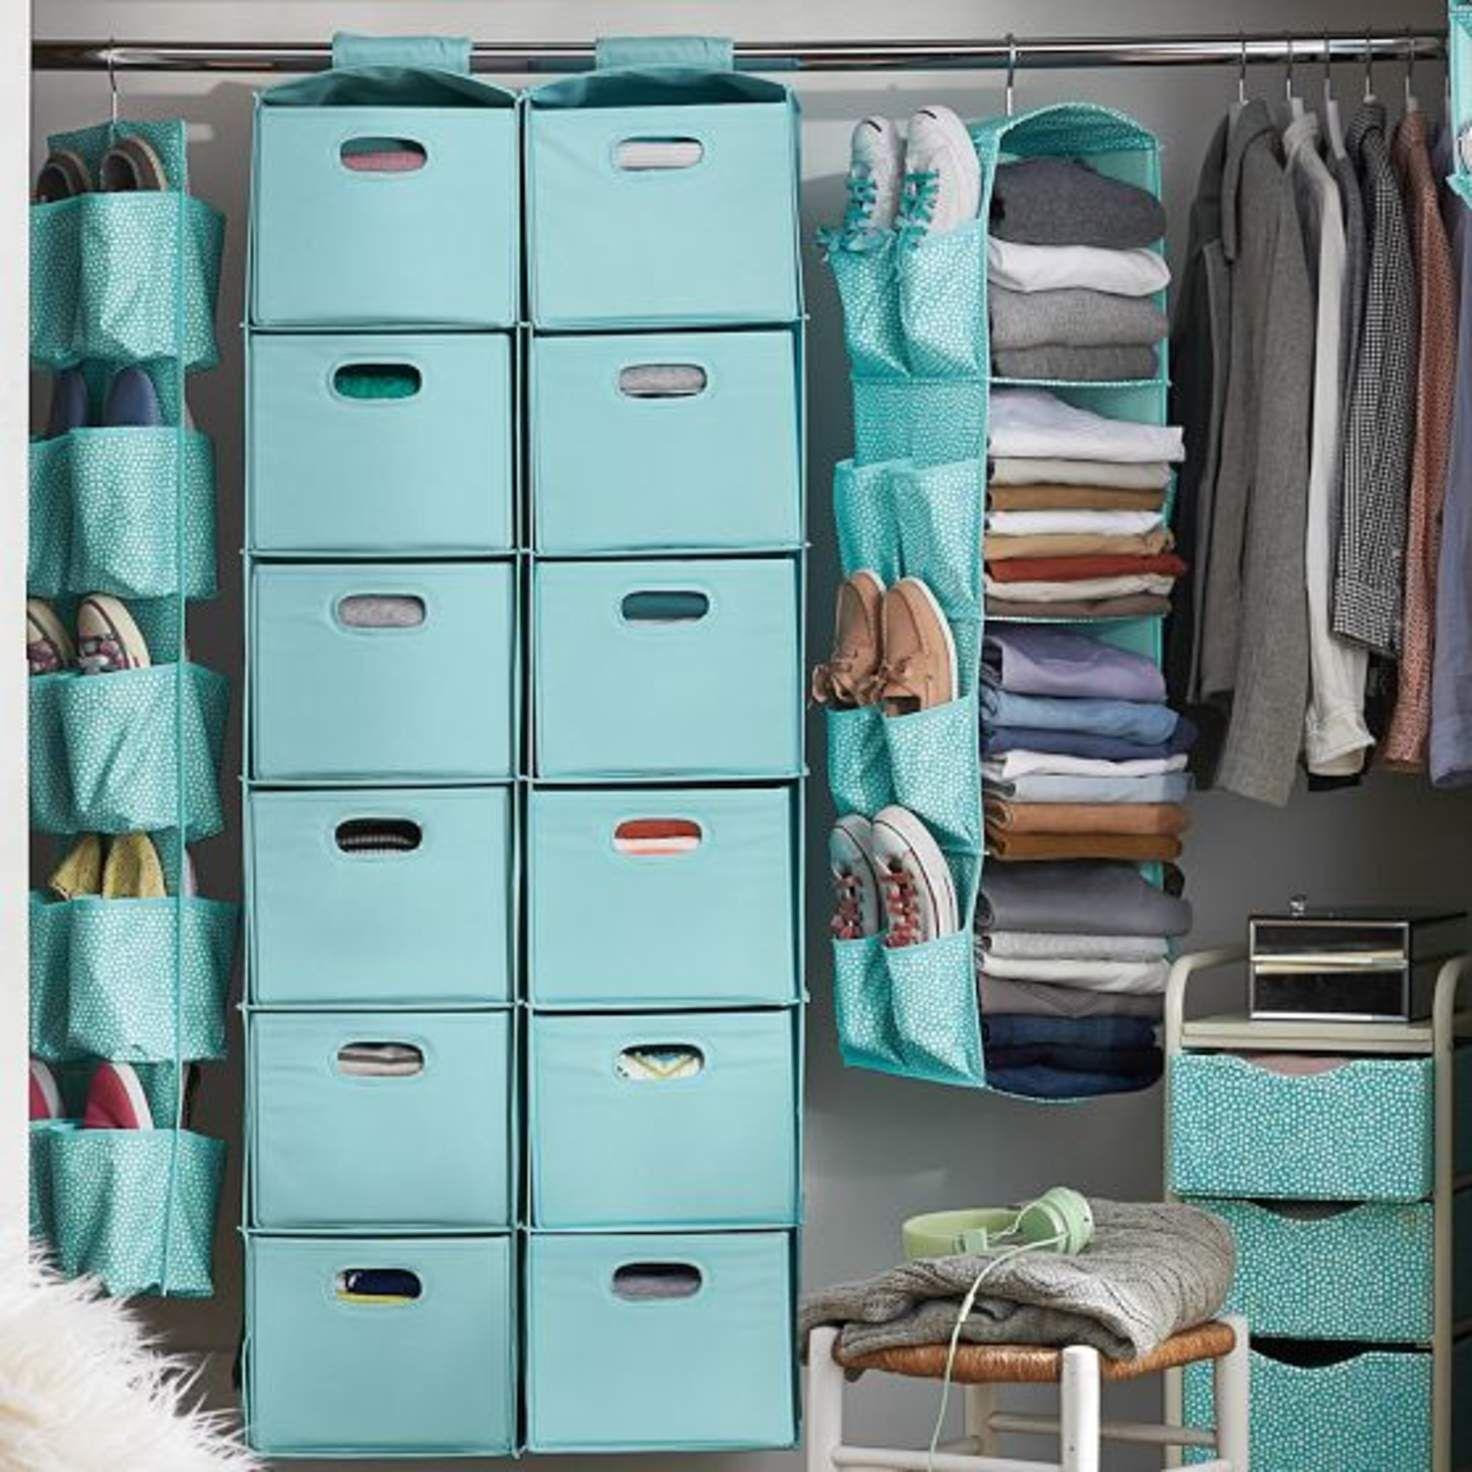 хранение вещей в шкафу в органайзере